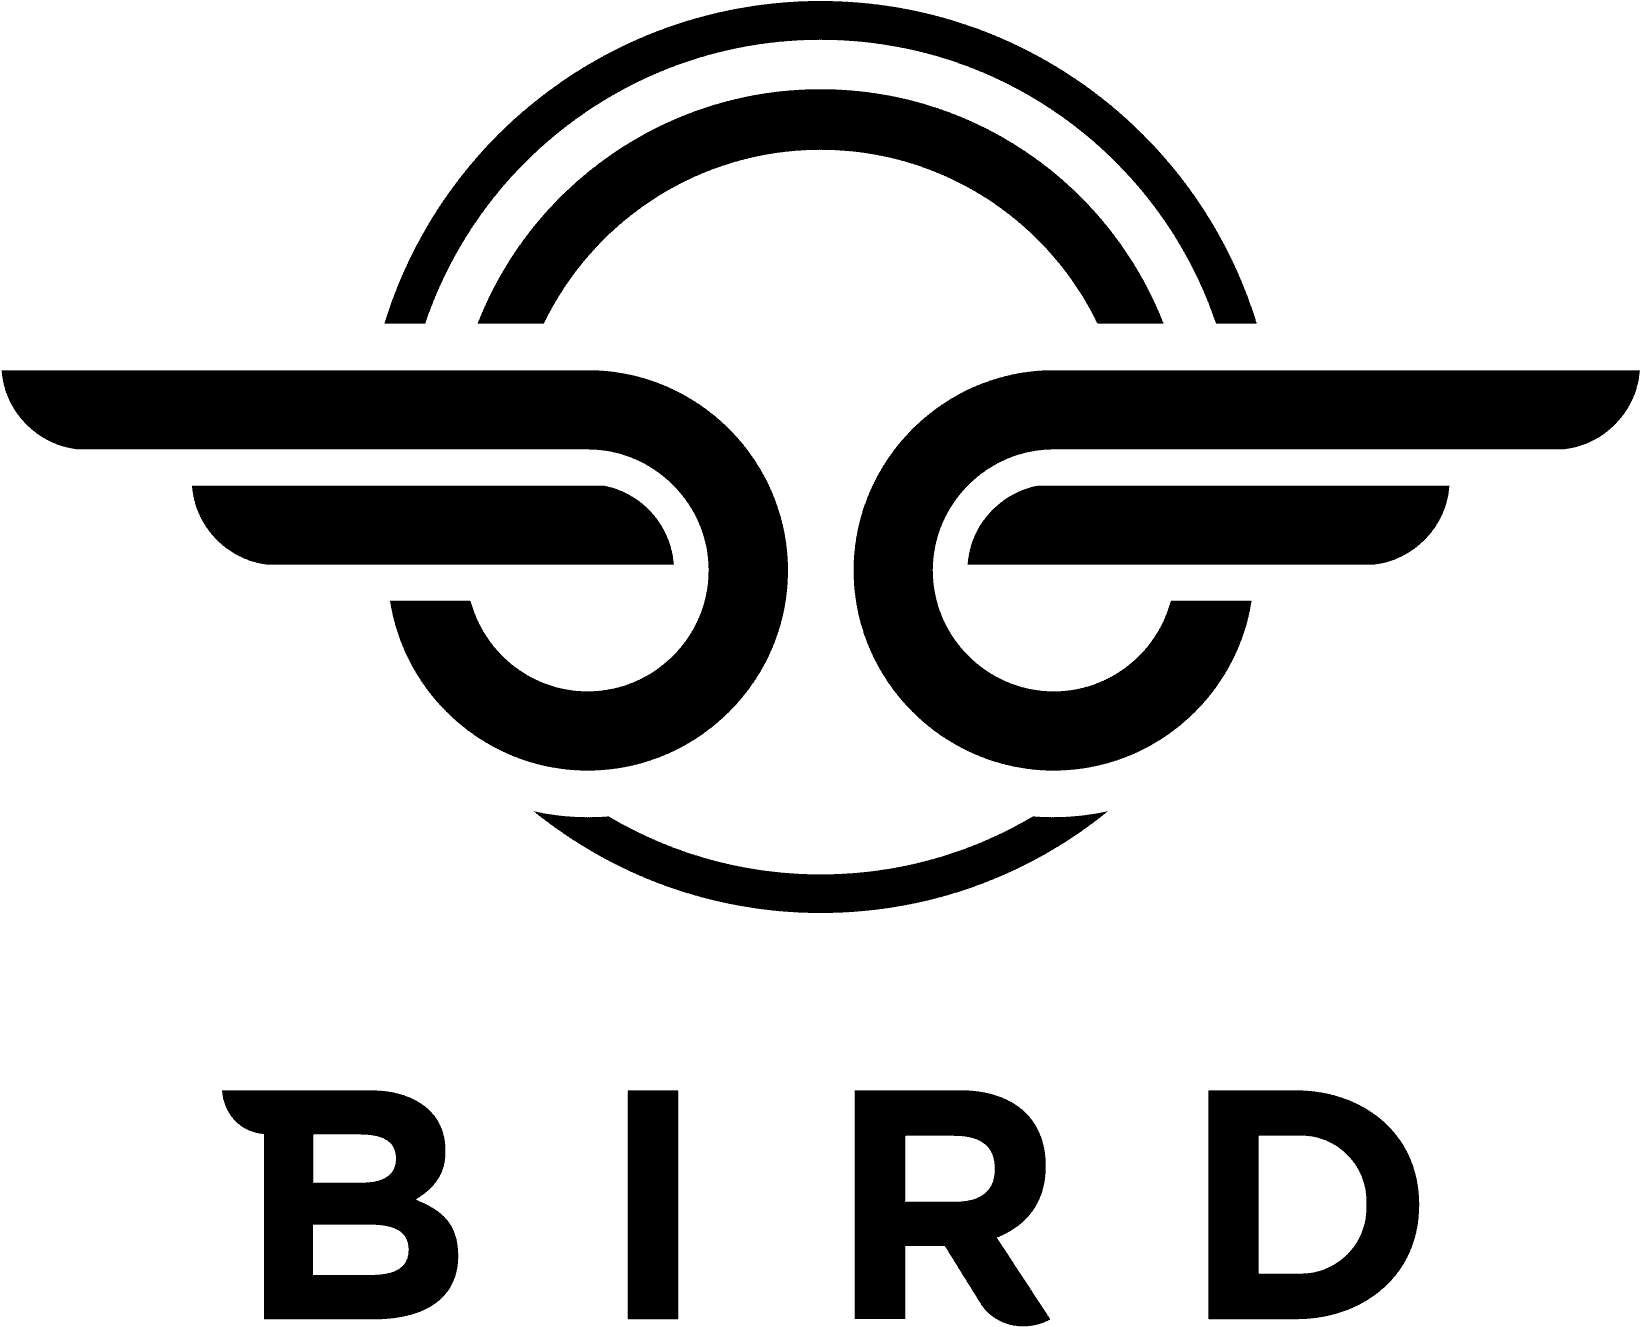 Bird Transparent Logo